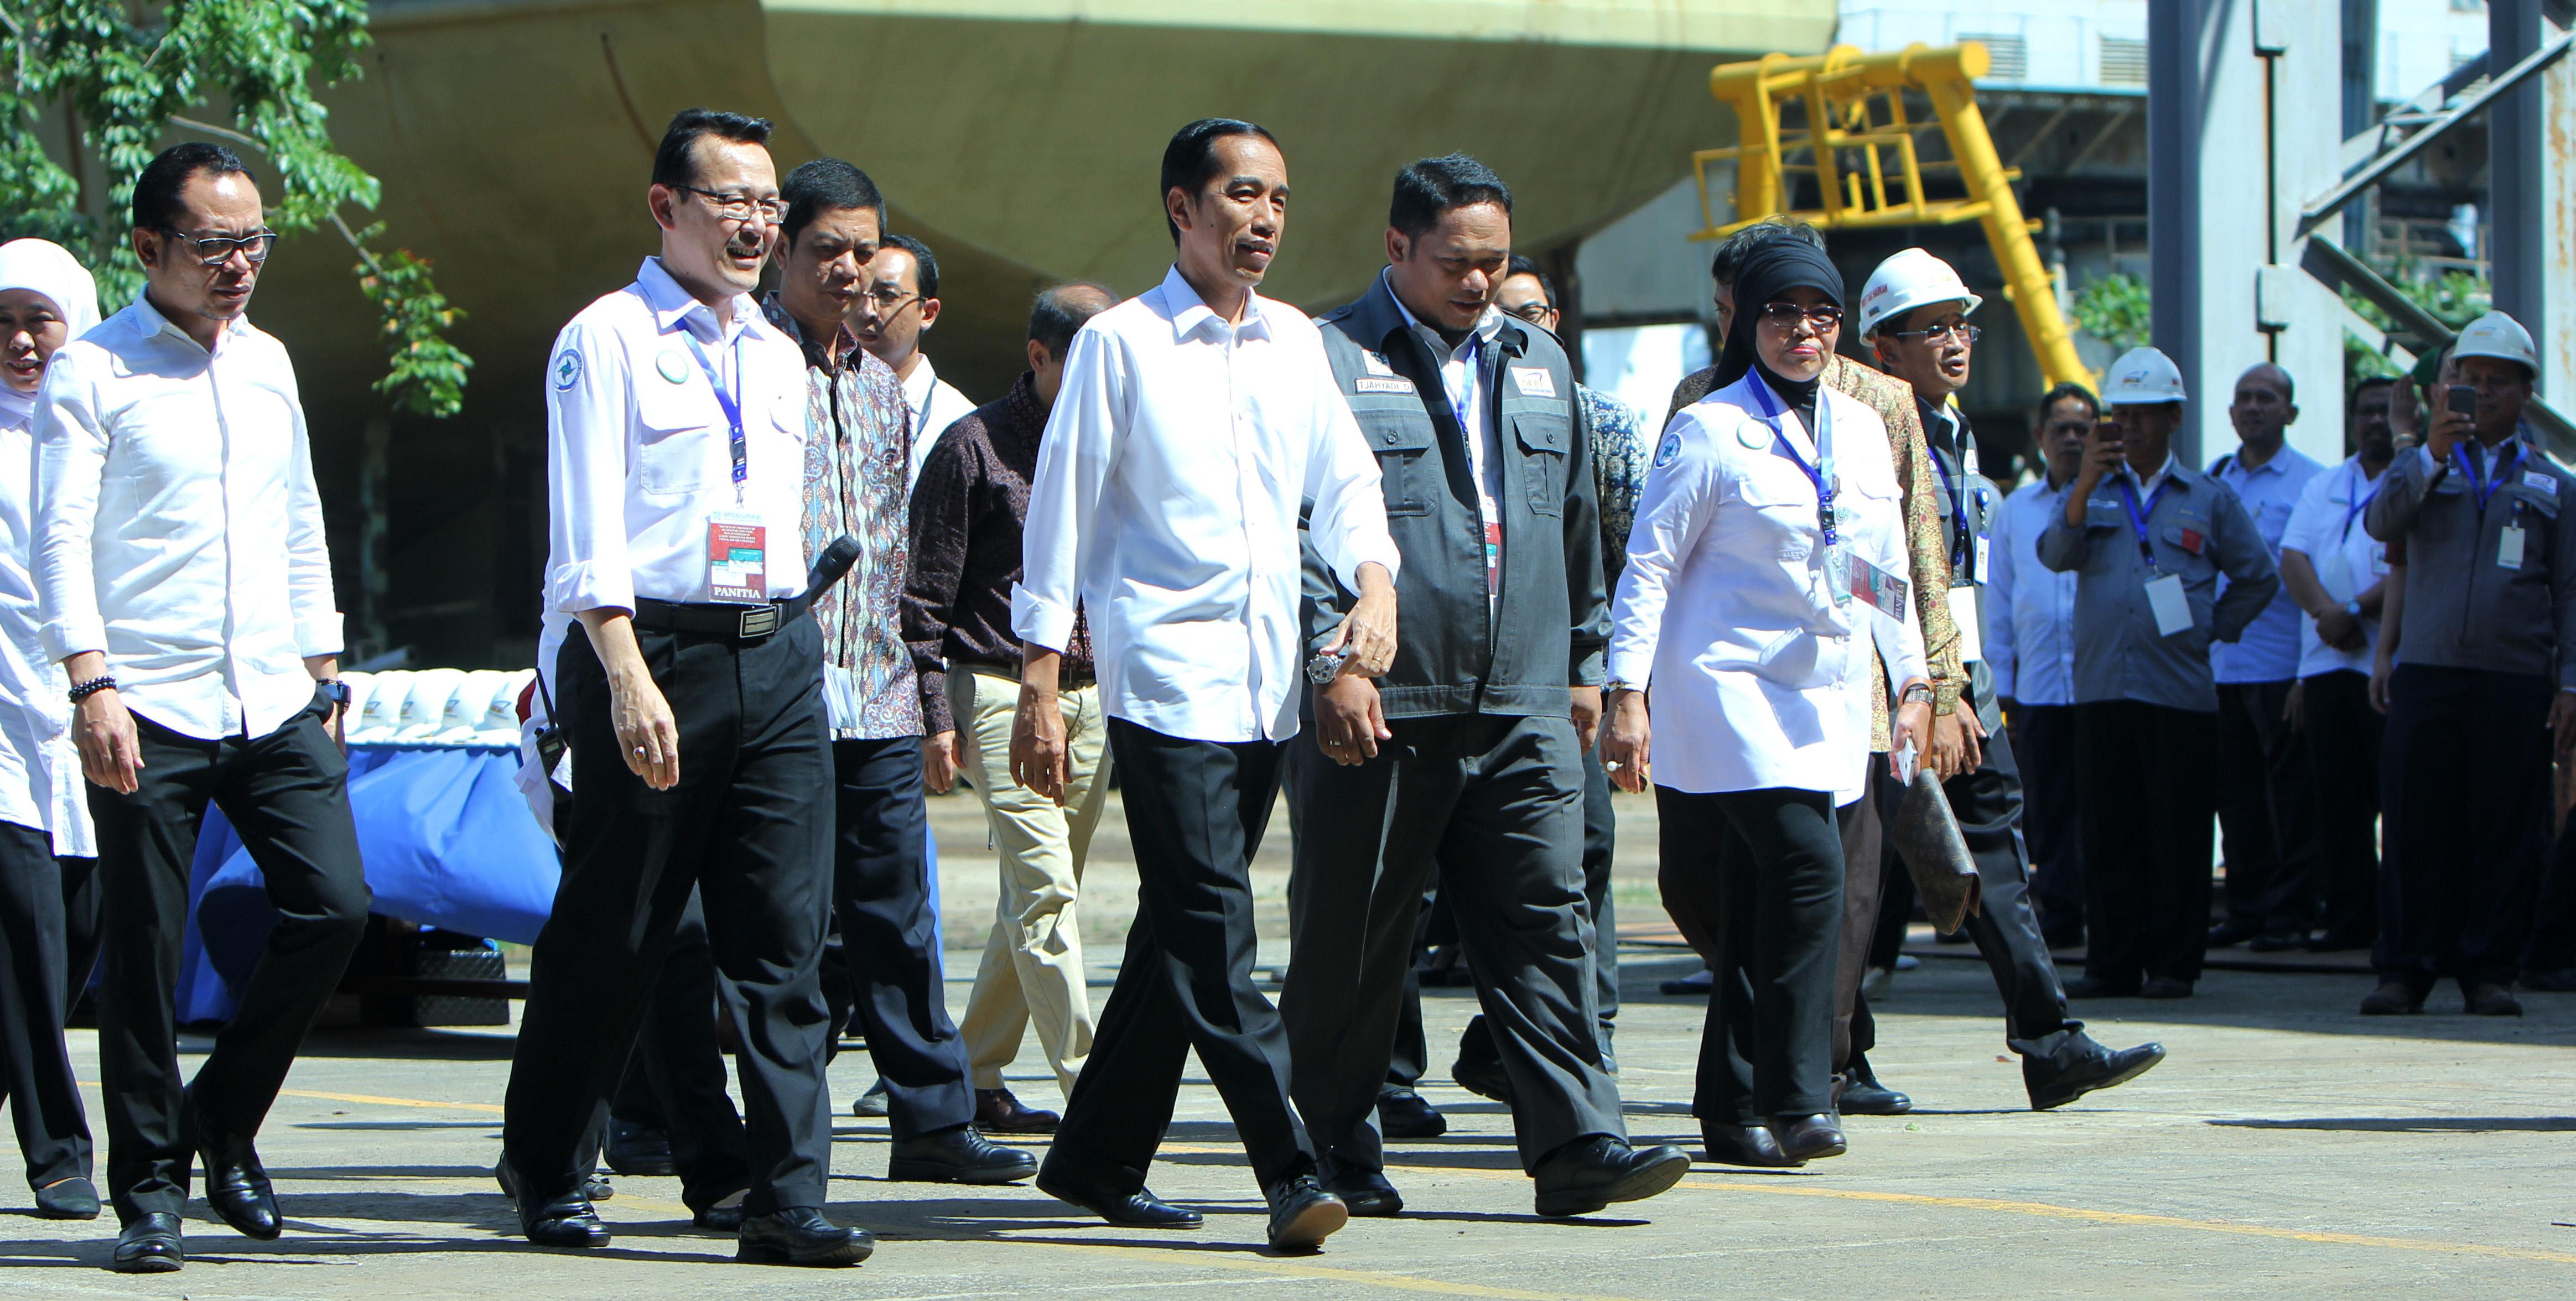 Presiden hadir dalam pembagian Kartu Indonesia Sehat di PT Dok dan Perkapalan Kodja Bahari Cilincing